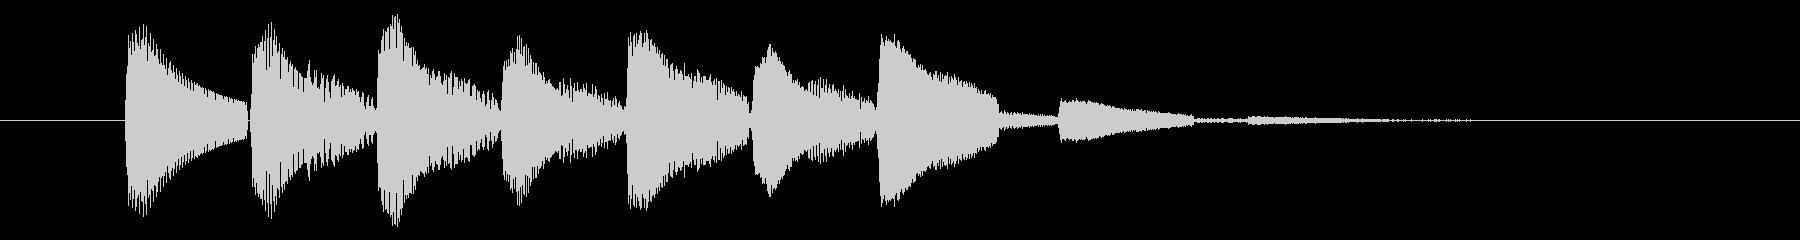 移動/ワープ/場面転換の未再生の波形